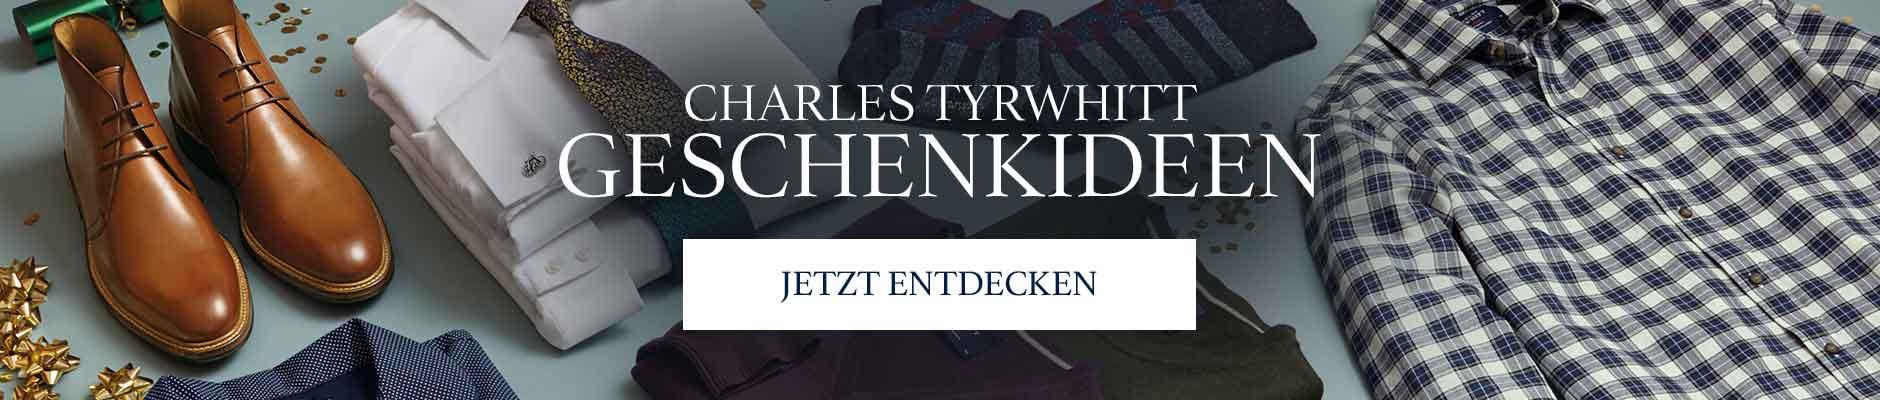 Charles Tyrwhitt geschenkideen